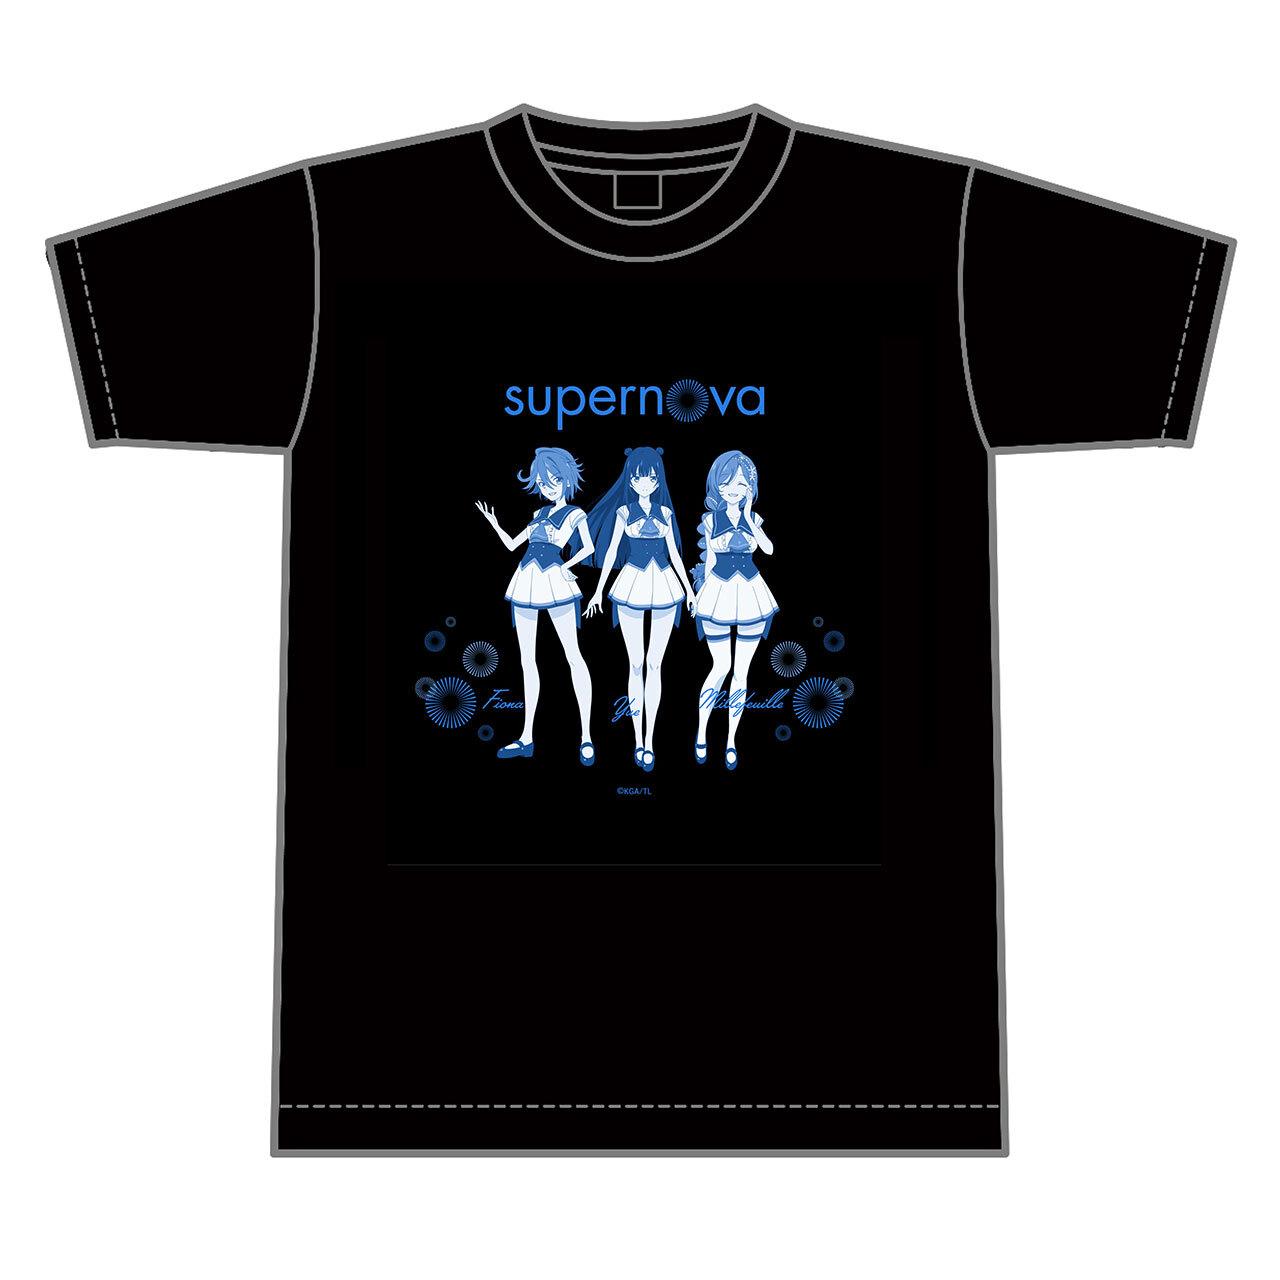 【4589839354660予】ラピスリライツ supernova Tシャツ 黒/XLサイズ